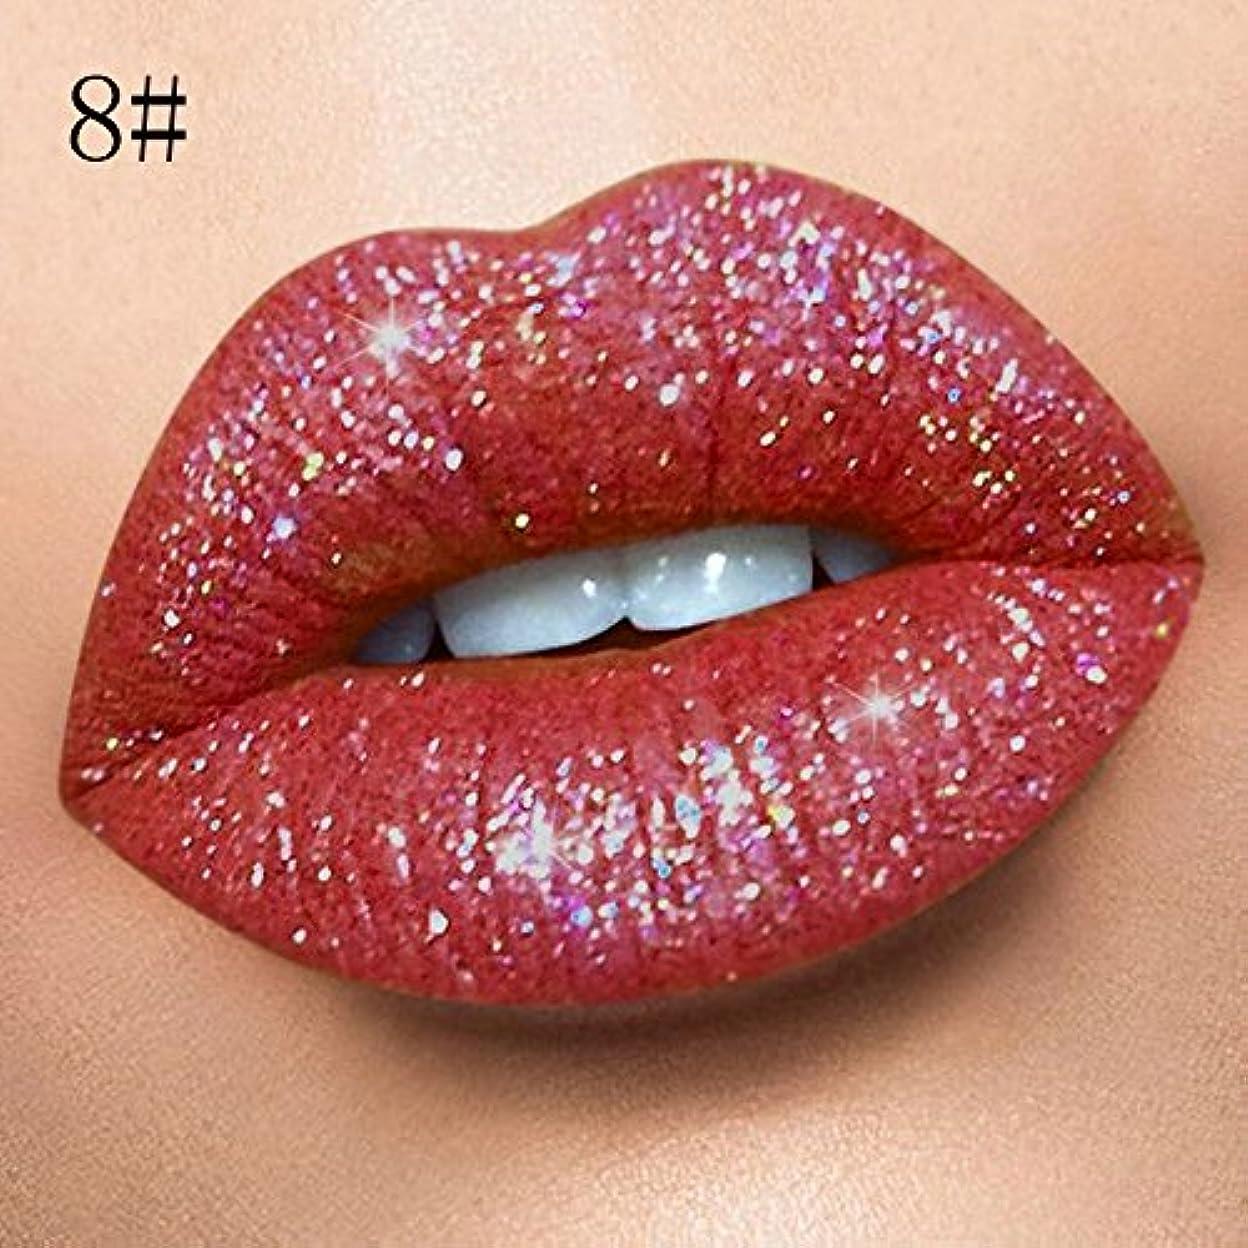 藤色ポジティブドライブリップクリーム リキッド ビロード 口紅 光沢 リップスティック 唇 防水 リップバーム 長続き 液体 体温でひとつに溶け合うなめらかテクスチャールージュhuajuanH